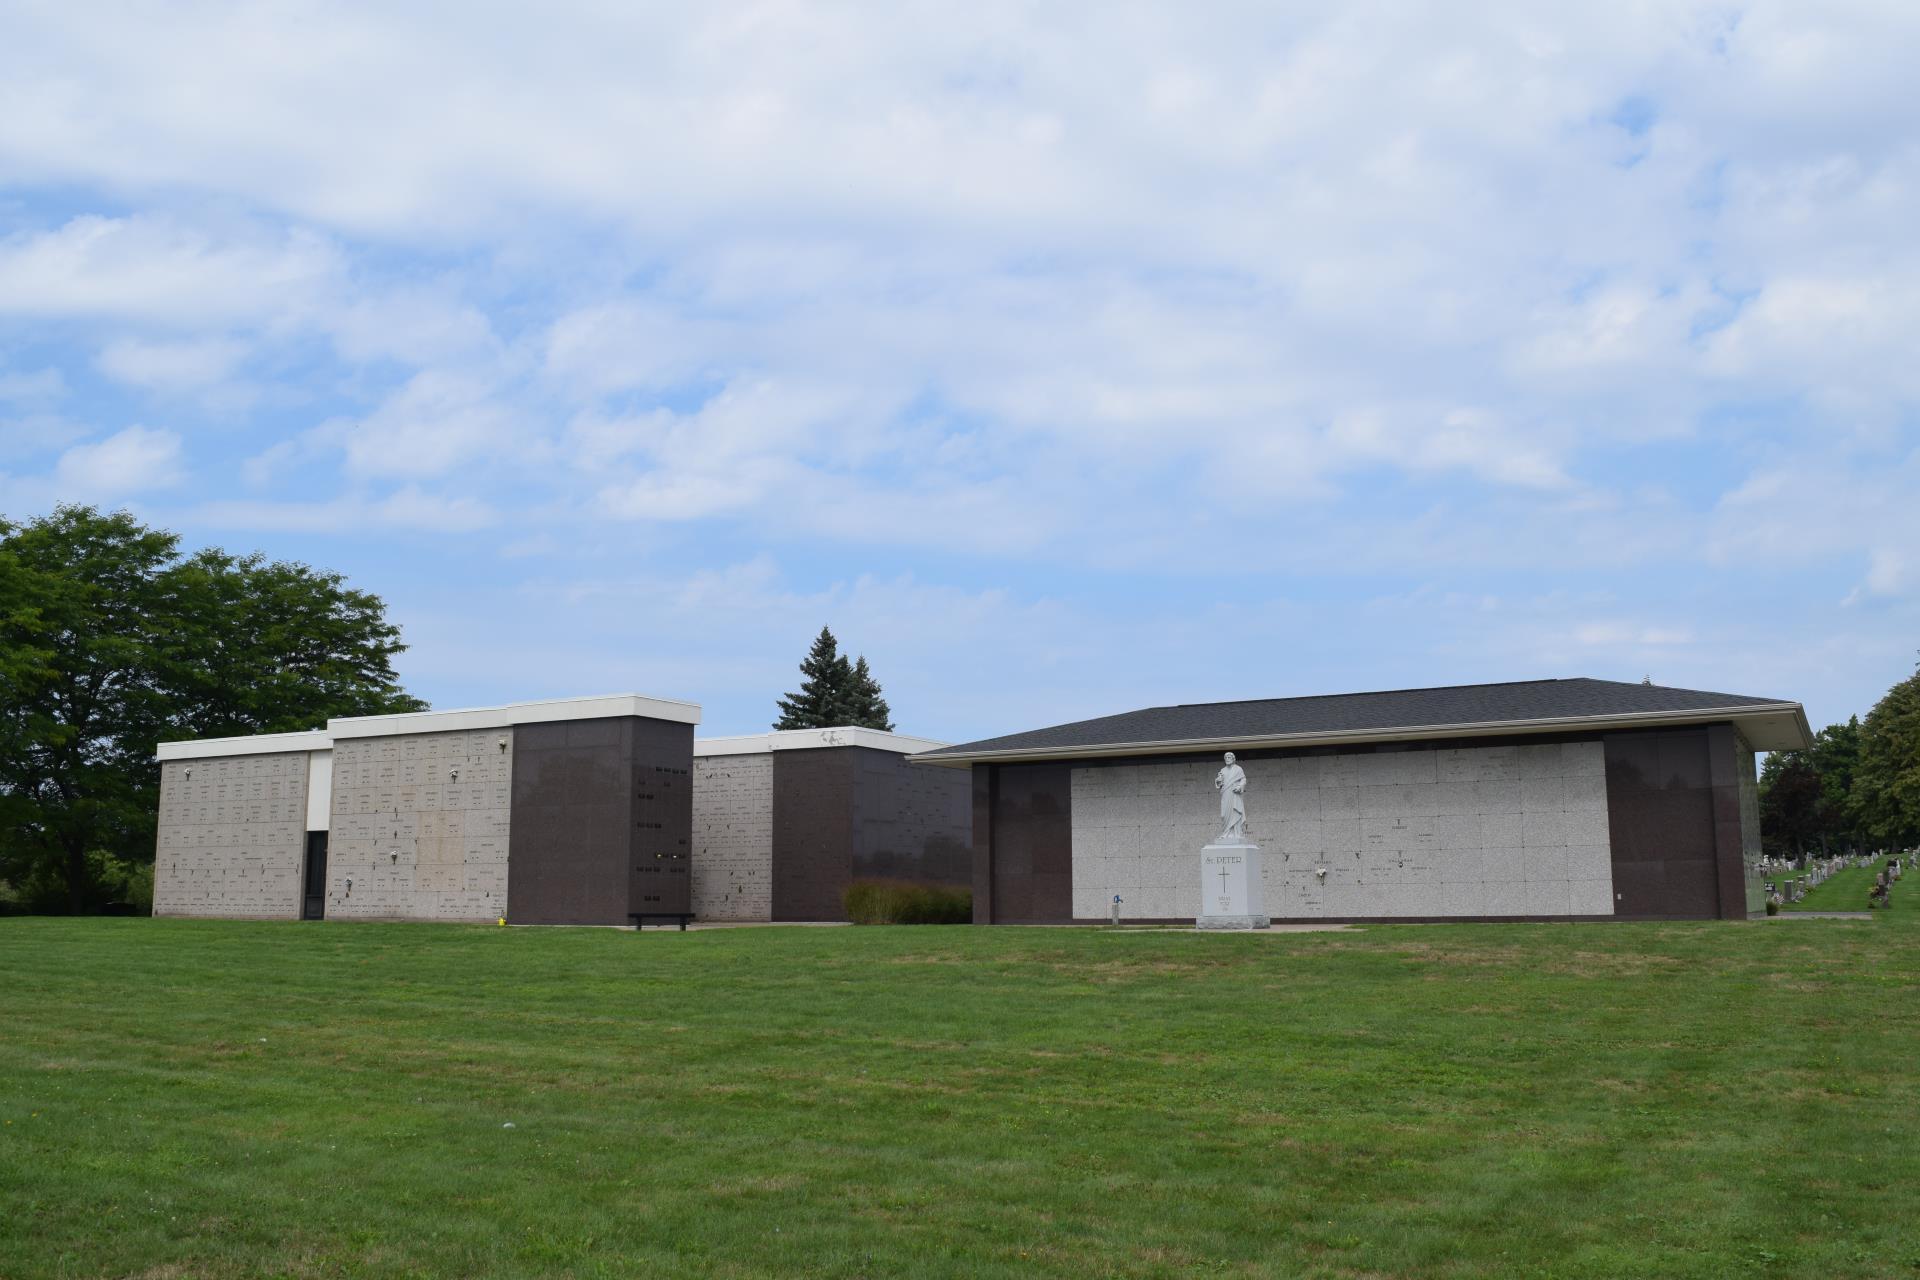 Mausoleum from a distance